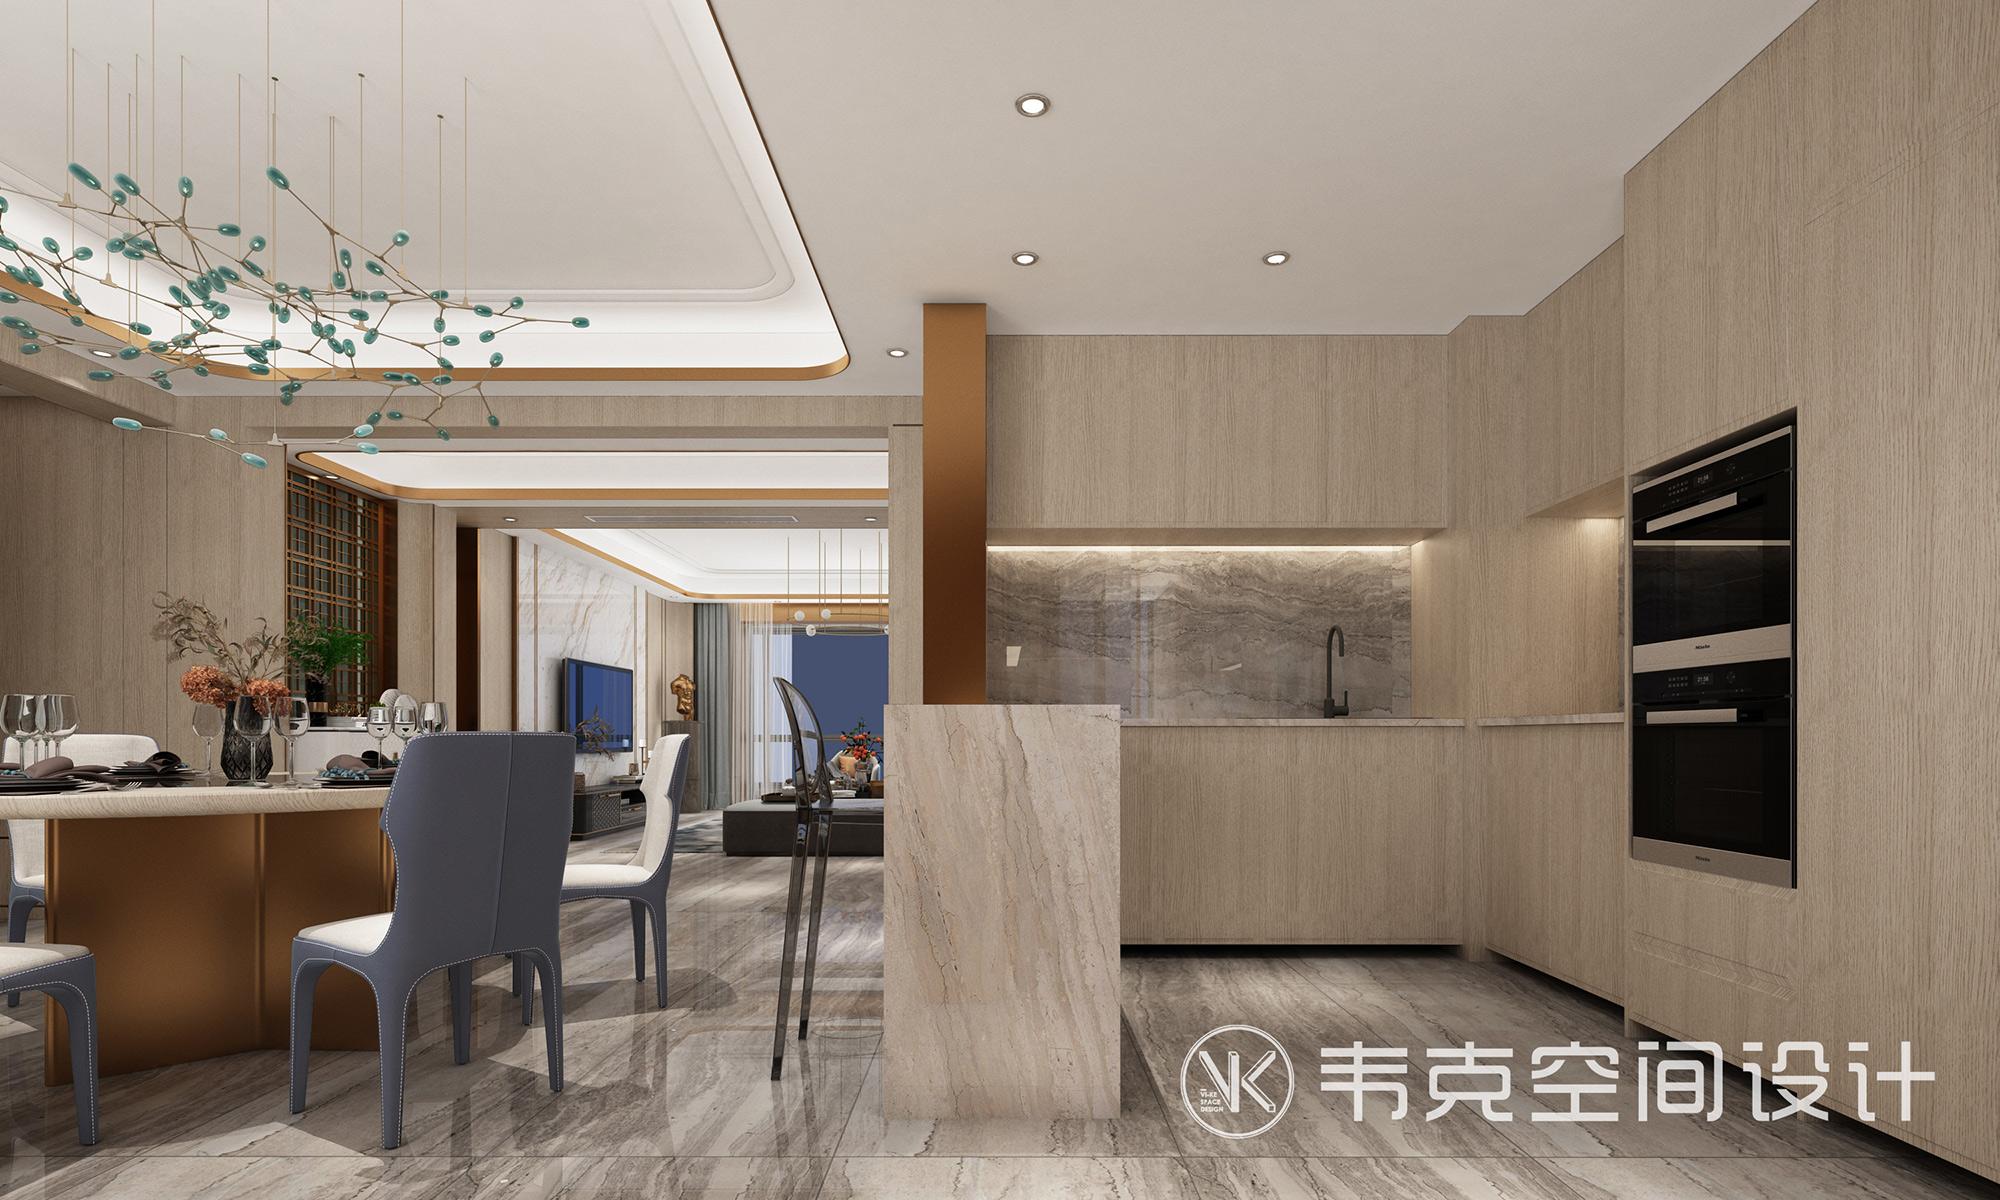 5室 轻奢 餐厅图片来自韦克空间设计在韦克丨撩人心扉的美的分享